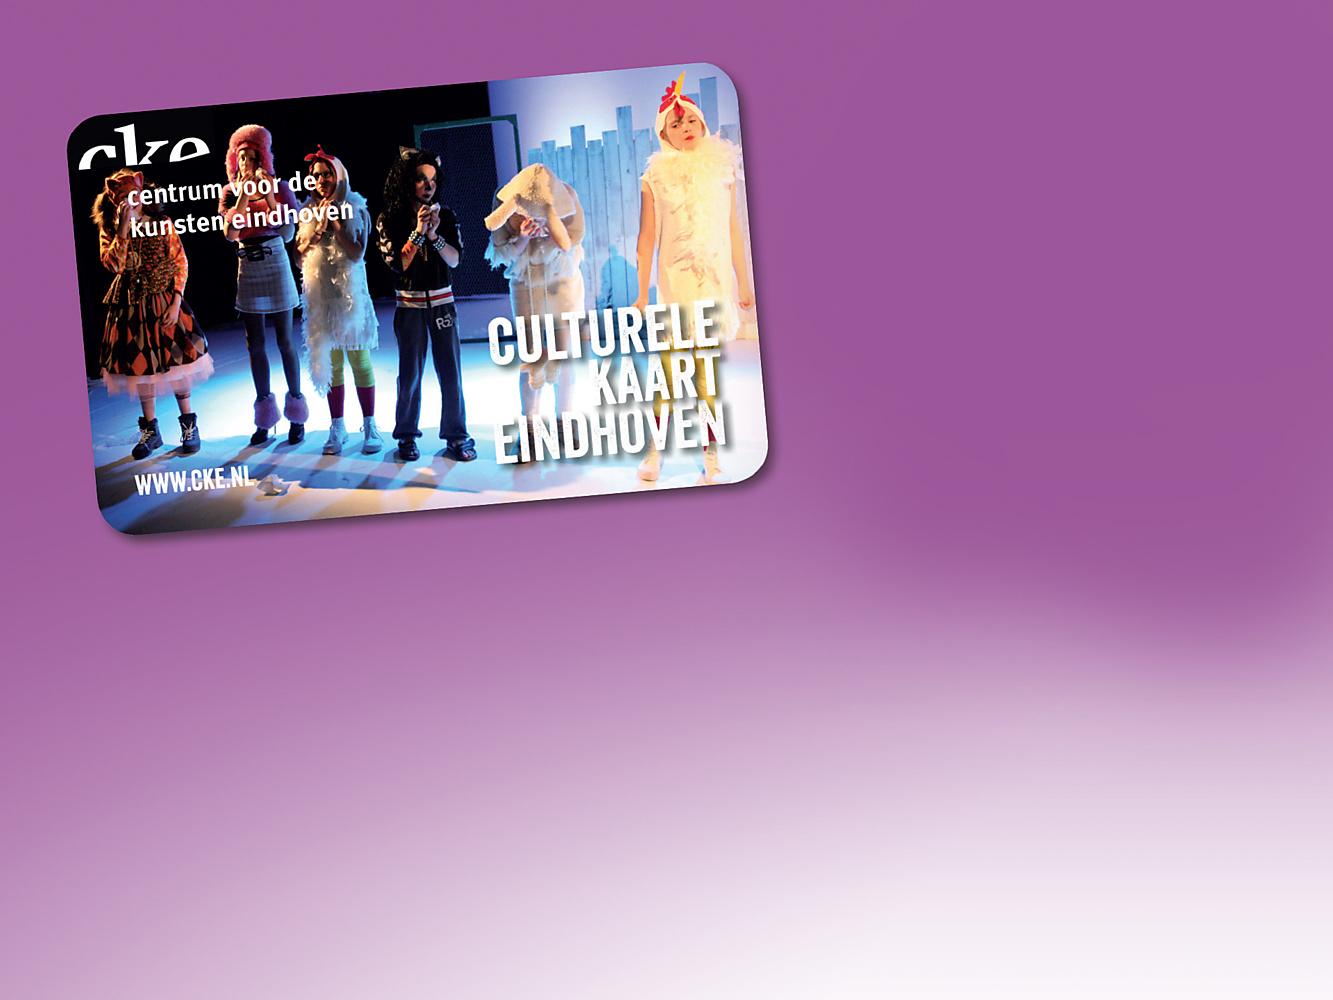 Nieuw aanbod Culturele Kaart Eindhoven